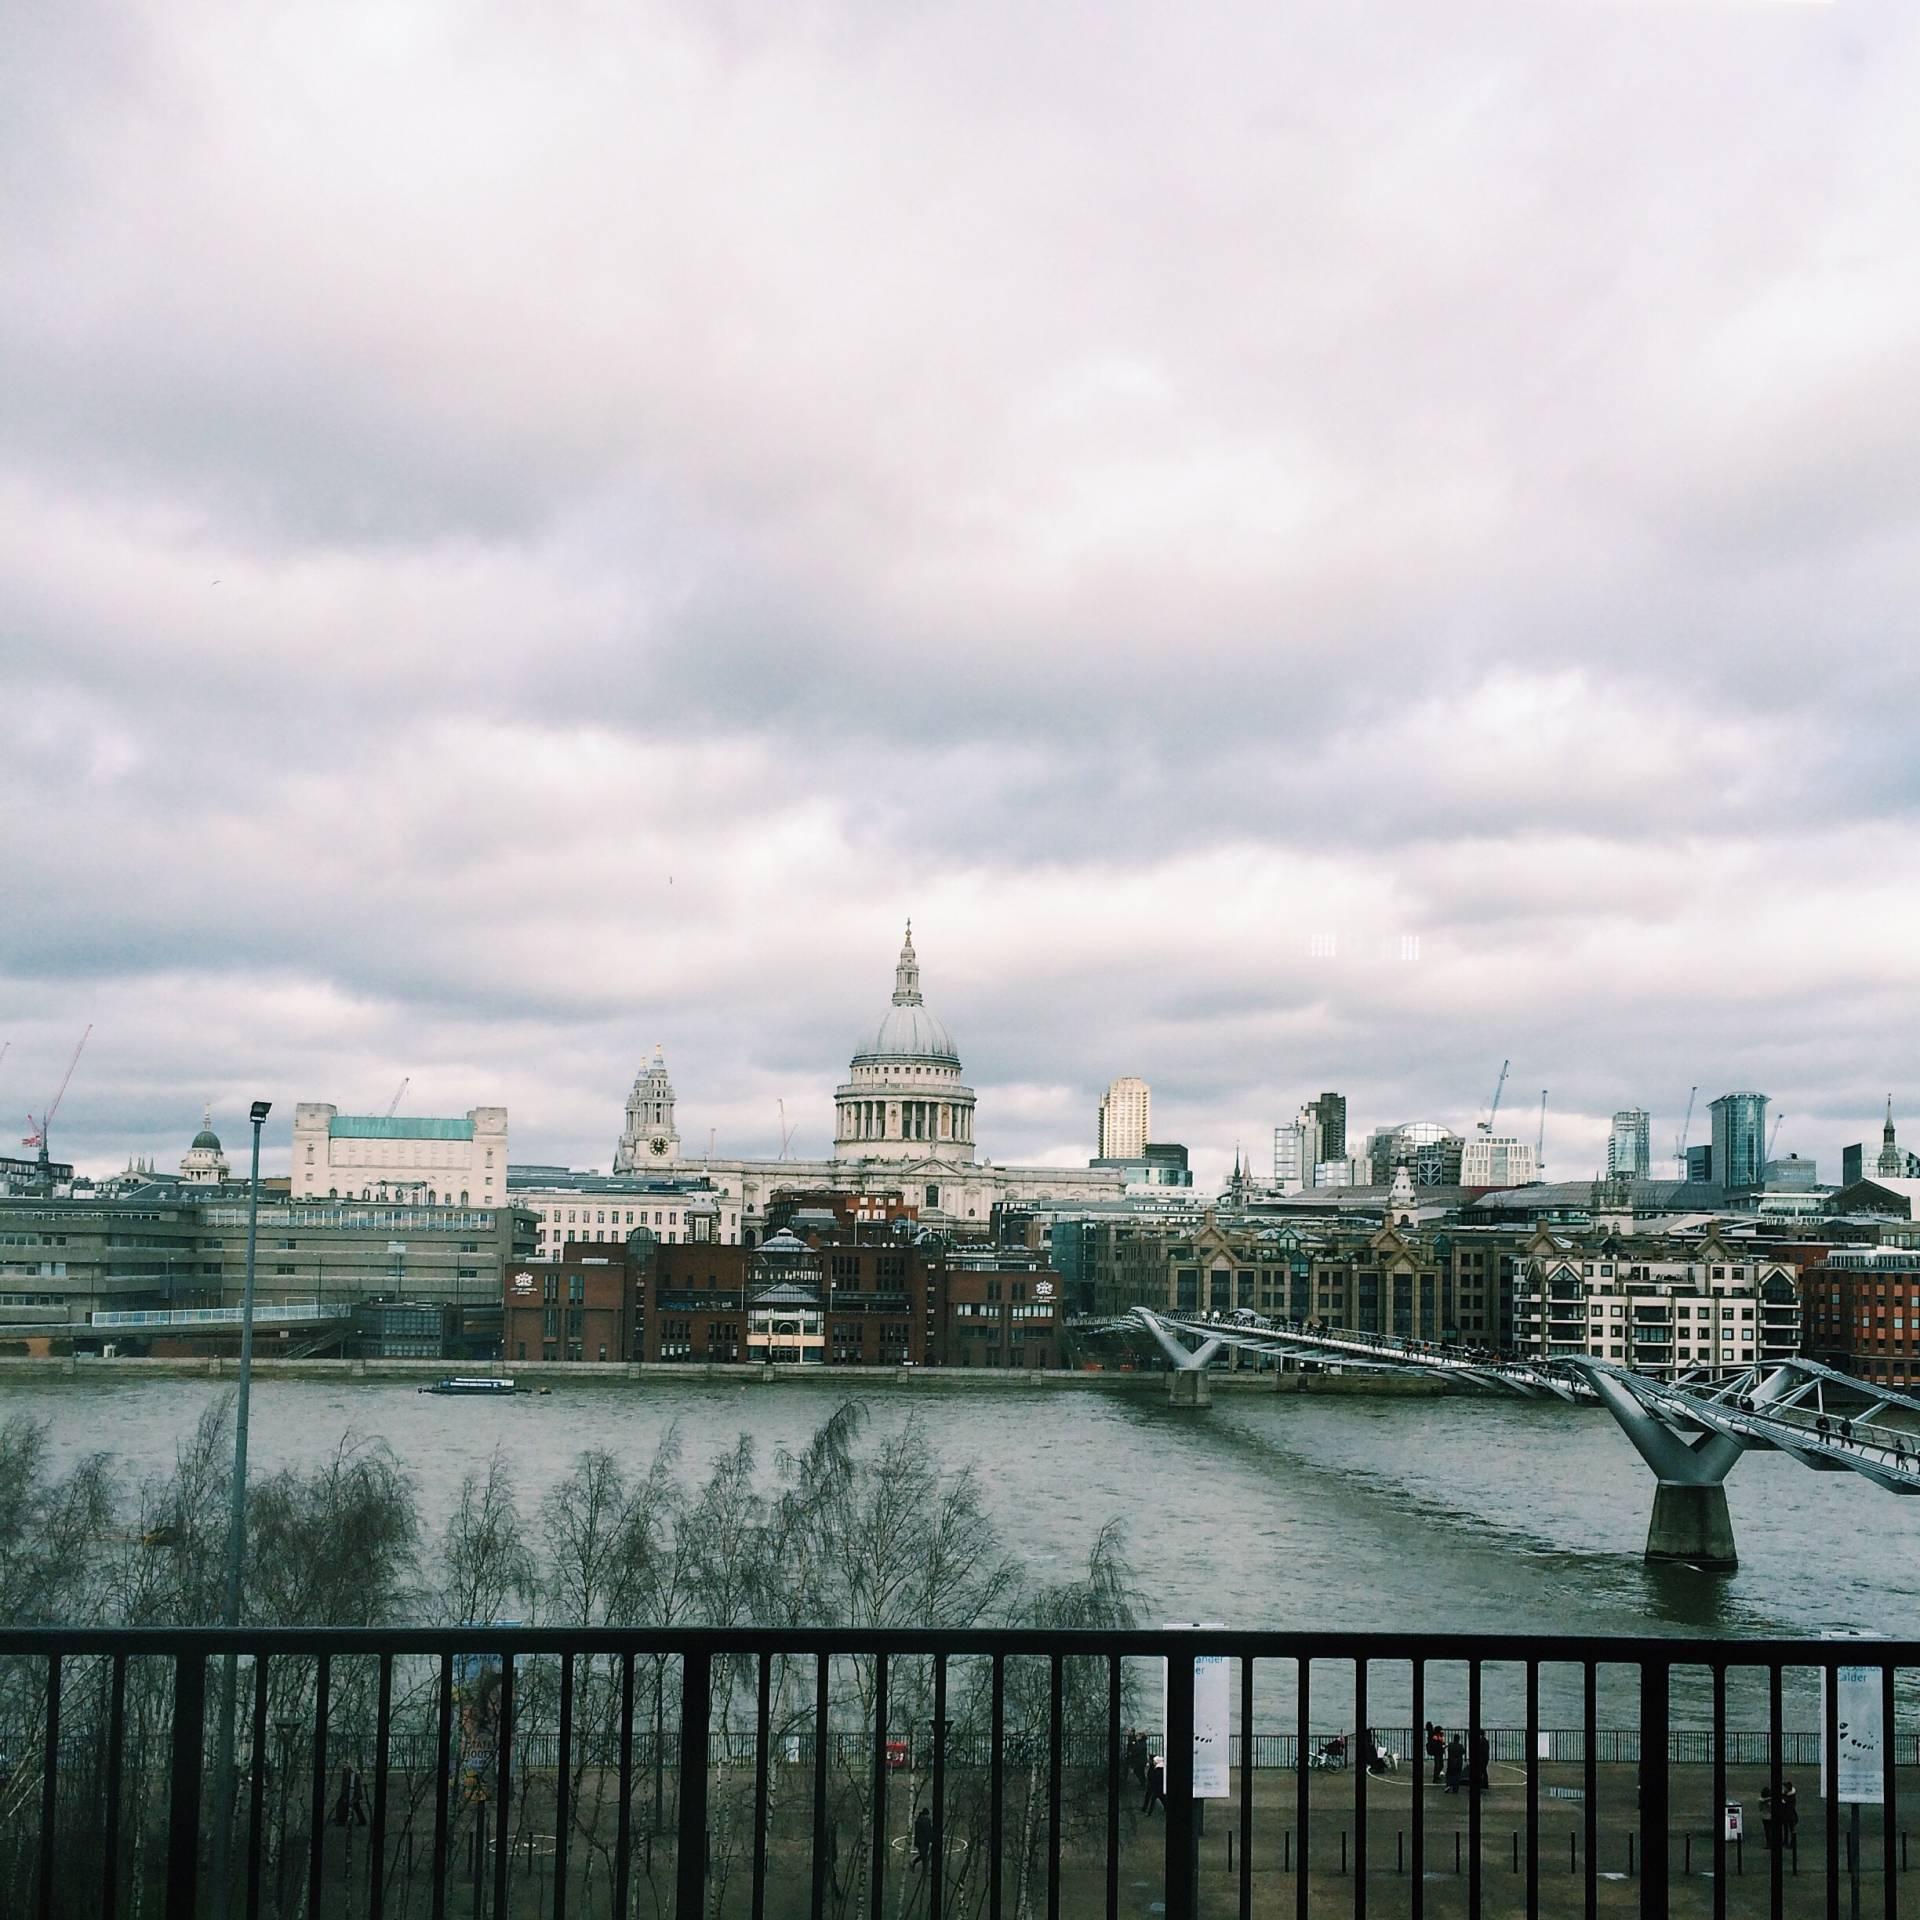 Tate Modern Cafe – Bankside, SE1 9TG